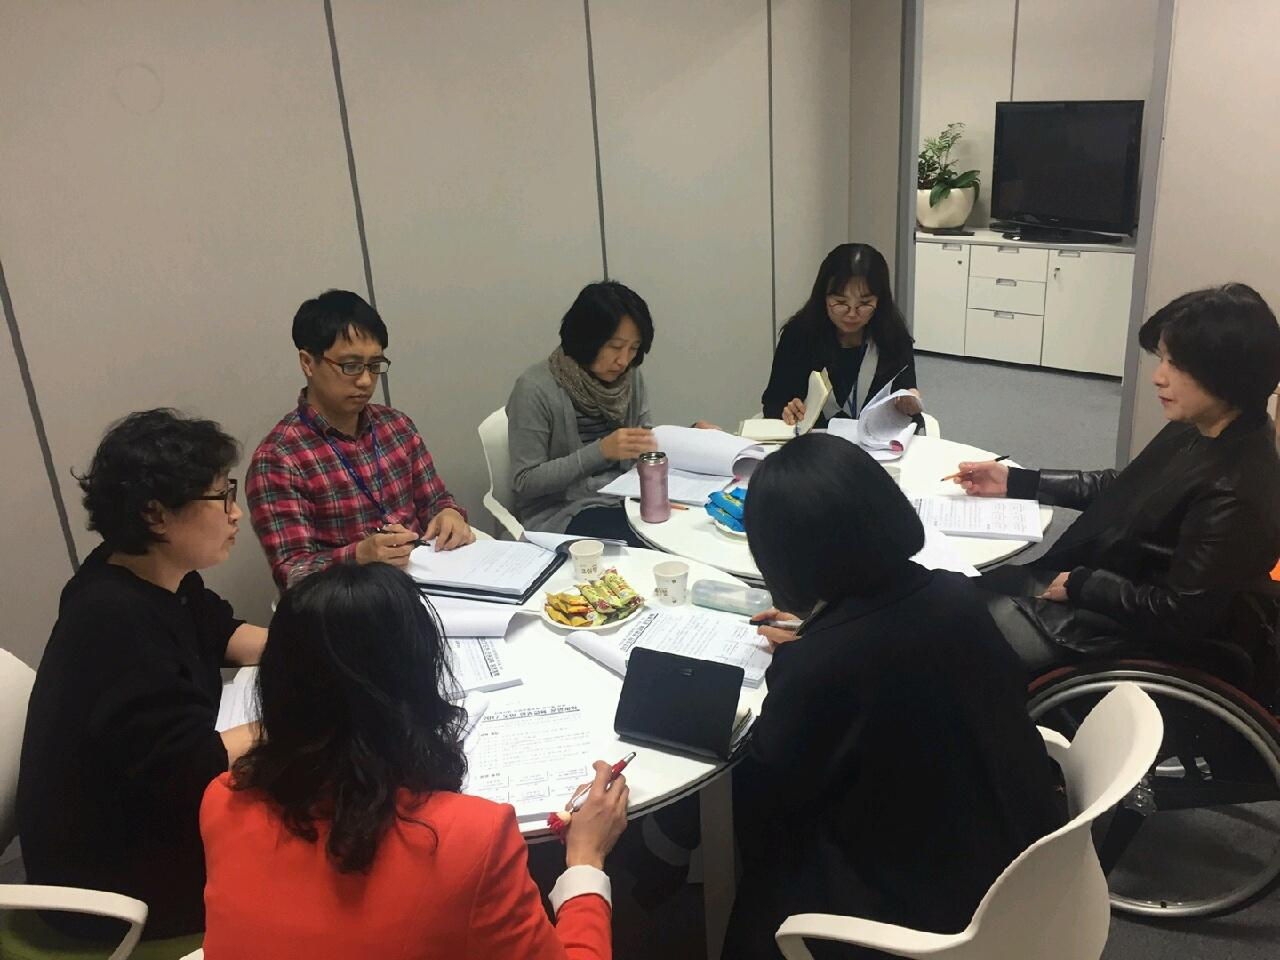 [2017-4-5] 교육문화 소위원회